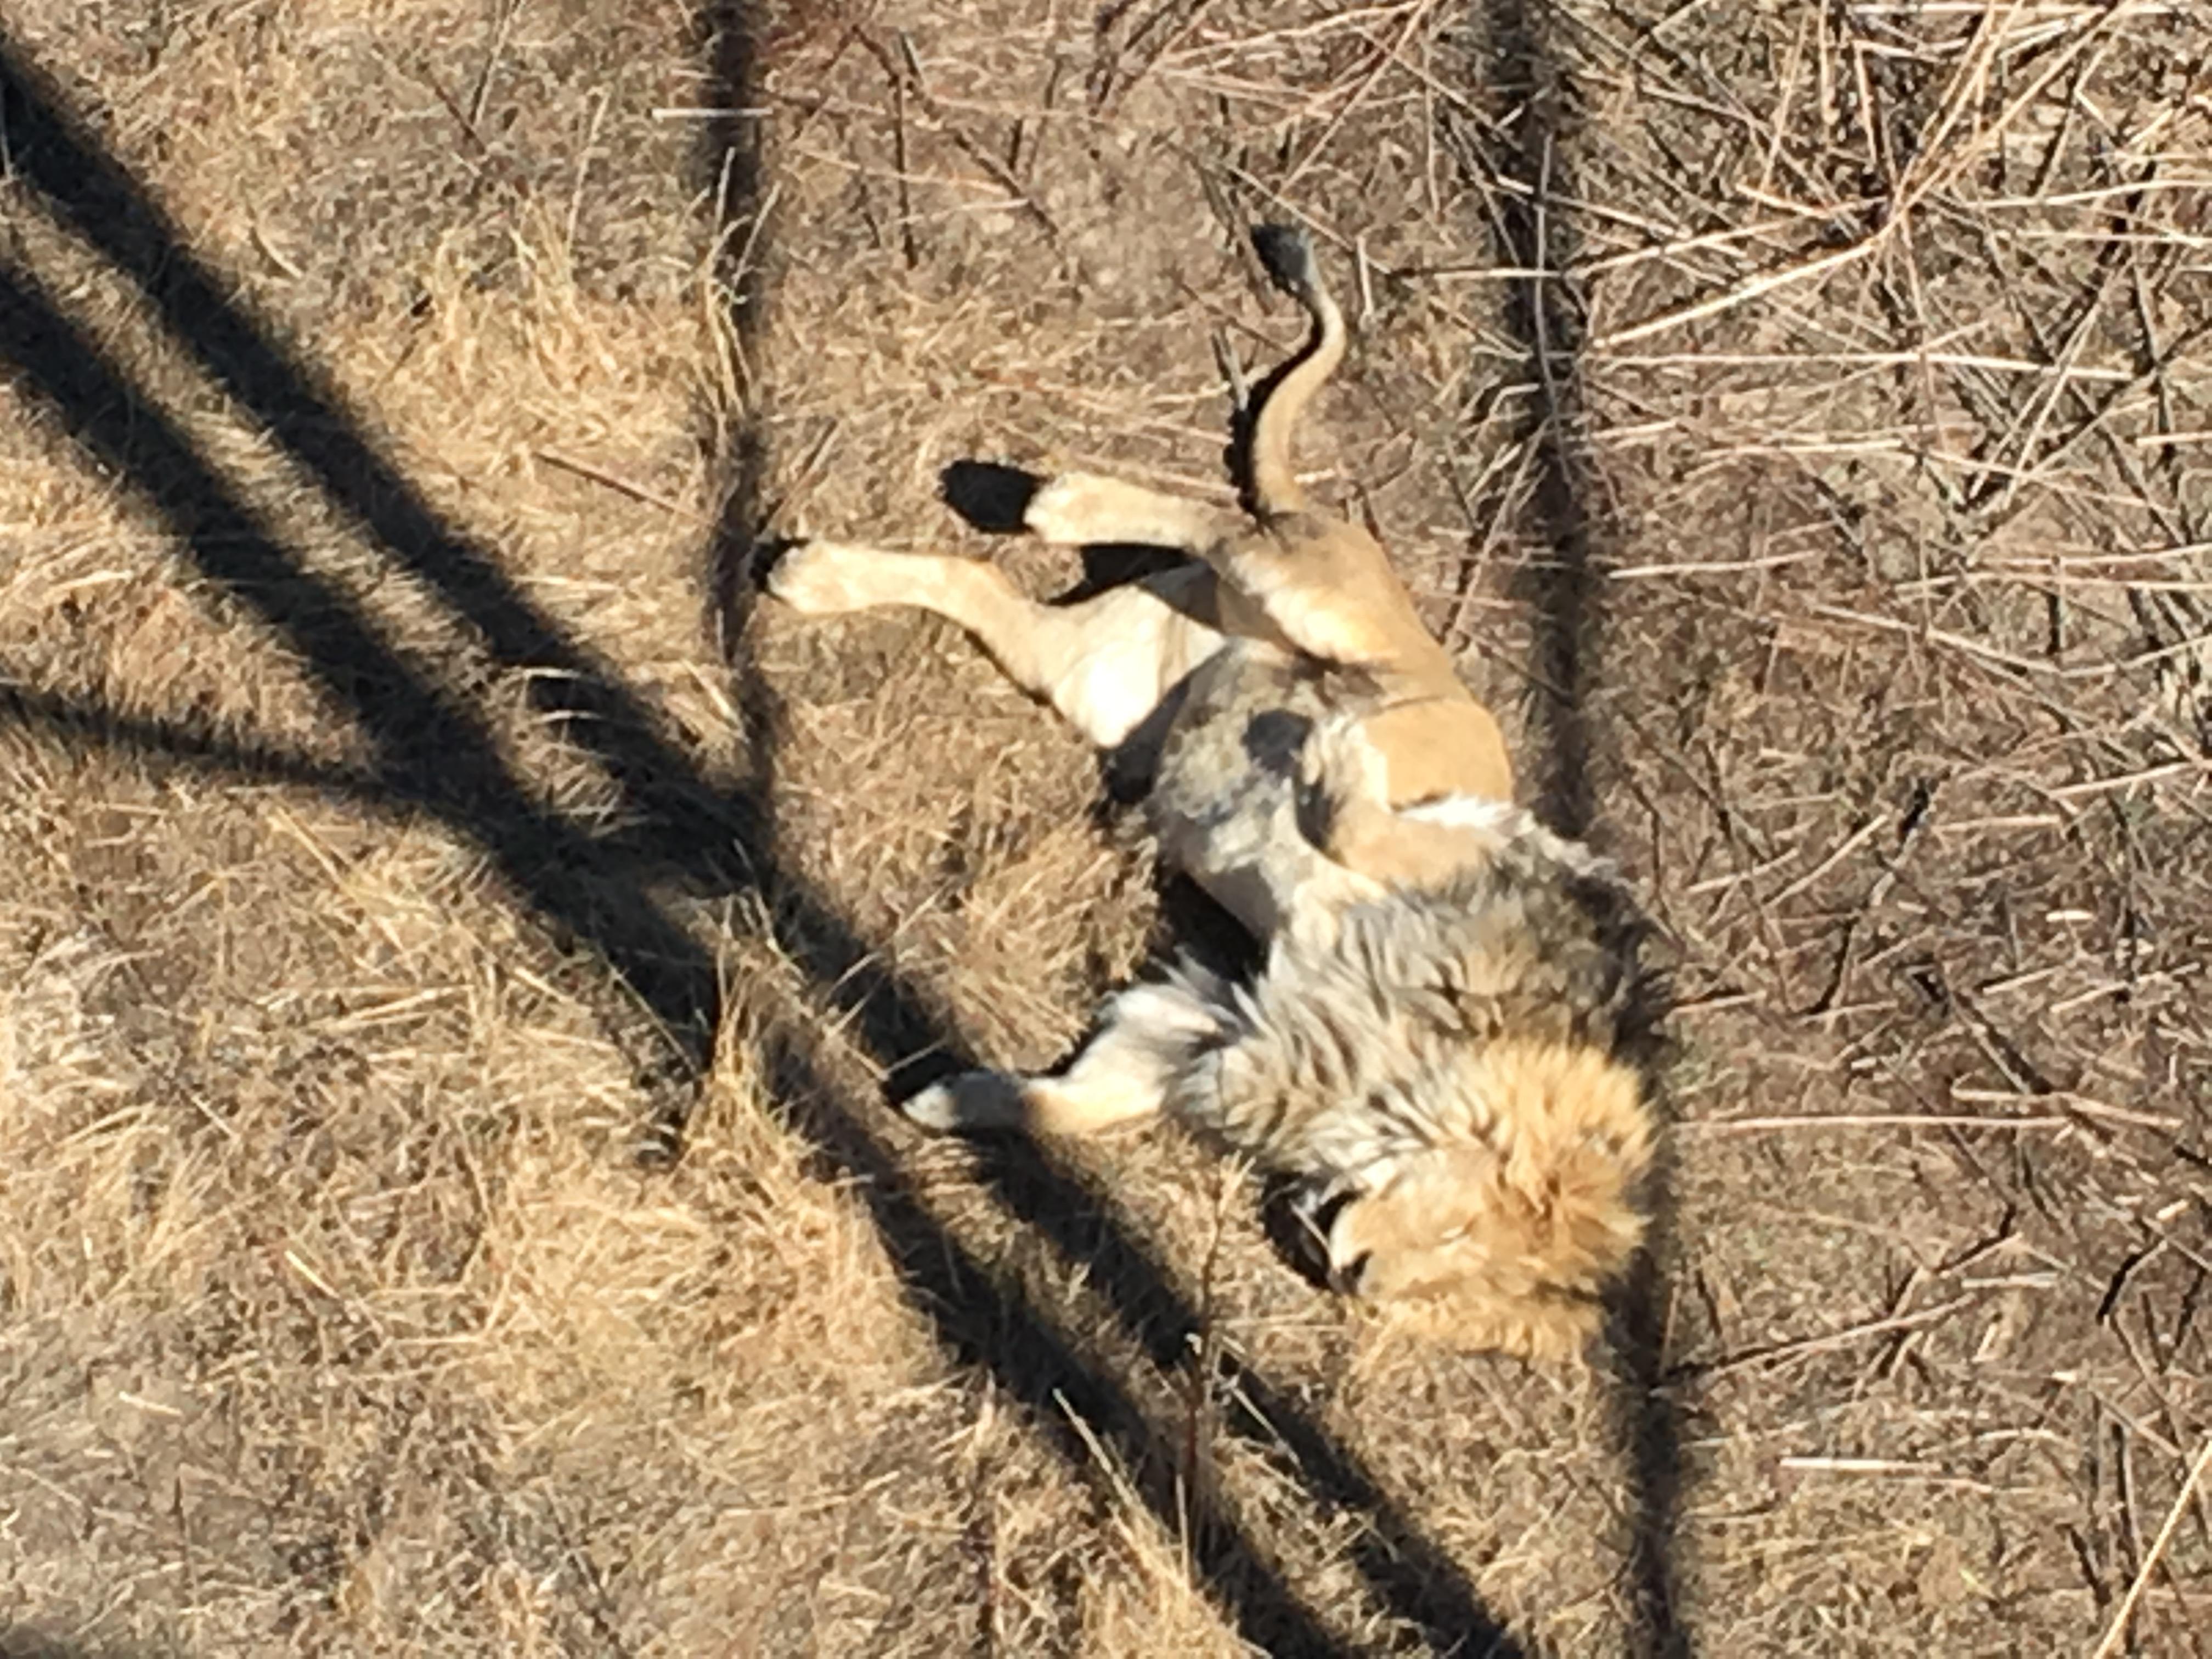 Suuuper slutty lion